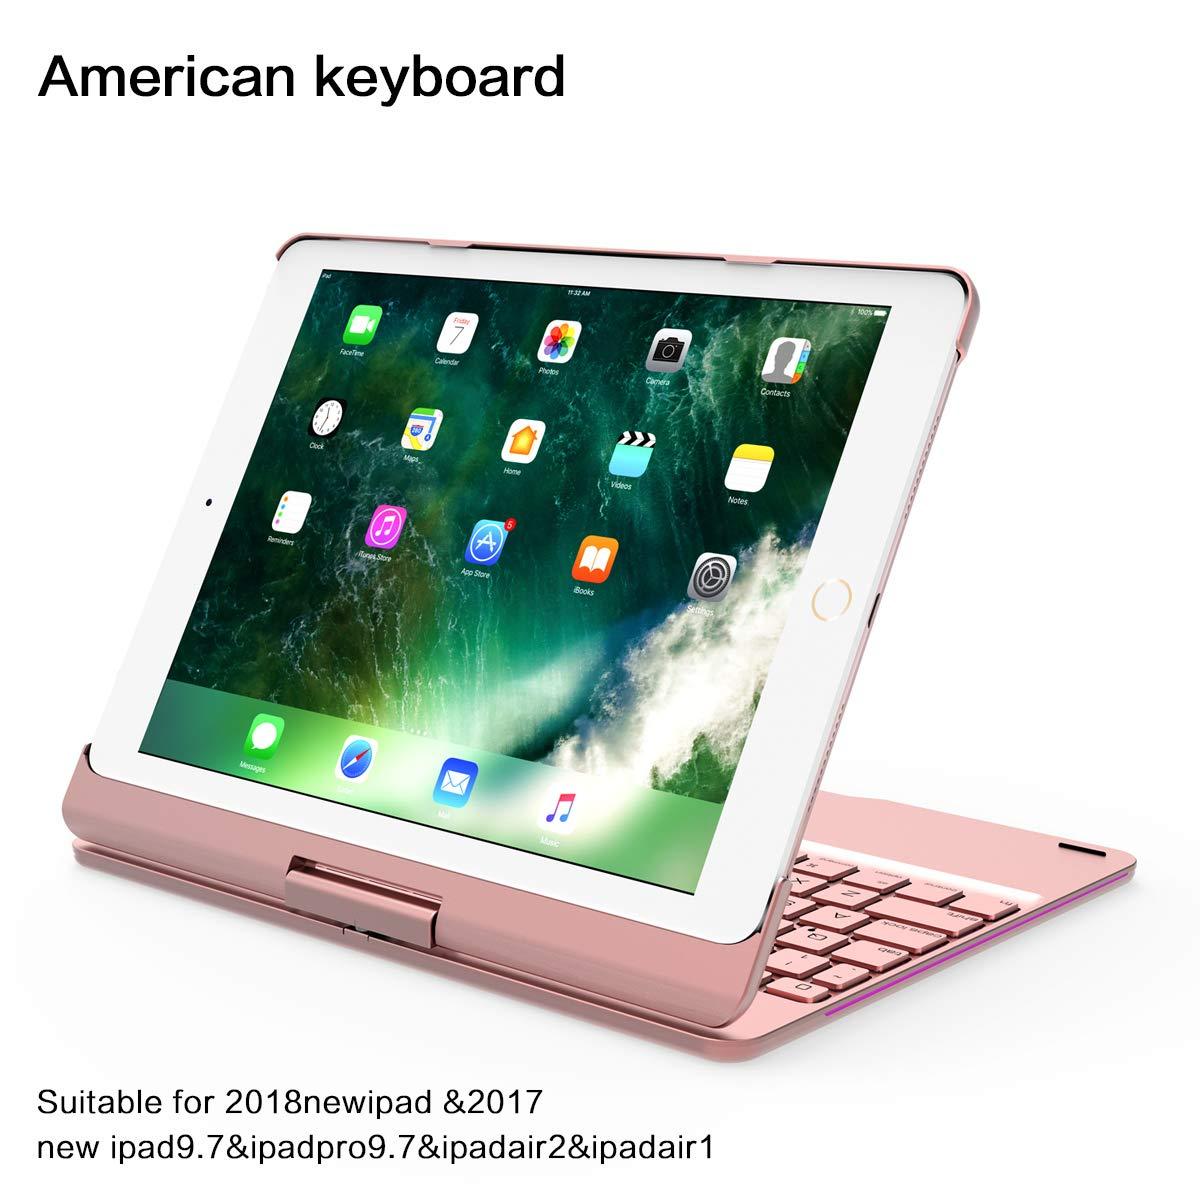 【年間ランキング6年連続受賞】 MeetJP 2018 緩衝器 New [ iPad シェル, 柔らかい iPad グリップ TPU 薄いです [ スリム 合う ] 保護 カバー 衝撃吸収 ポーチ 耐久性のある 電話 シェルs 緩衝器 [Rose Gold ] Rose Gold B07L3V51ZJ, Pandoor:77f18e5d --- a0267596.xsph.ru